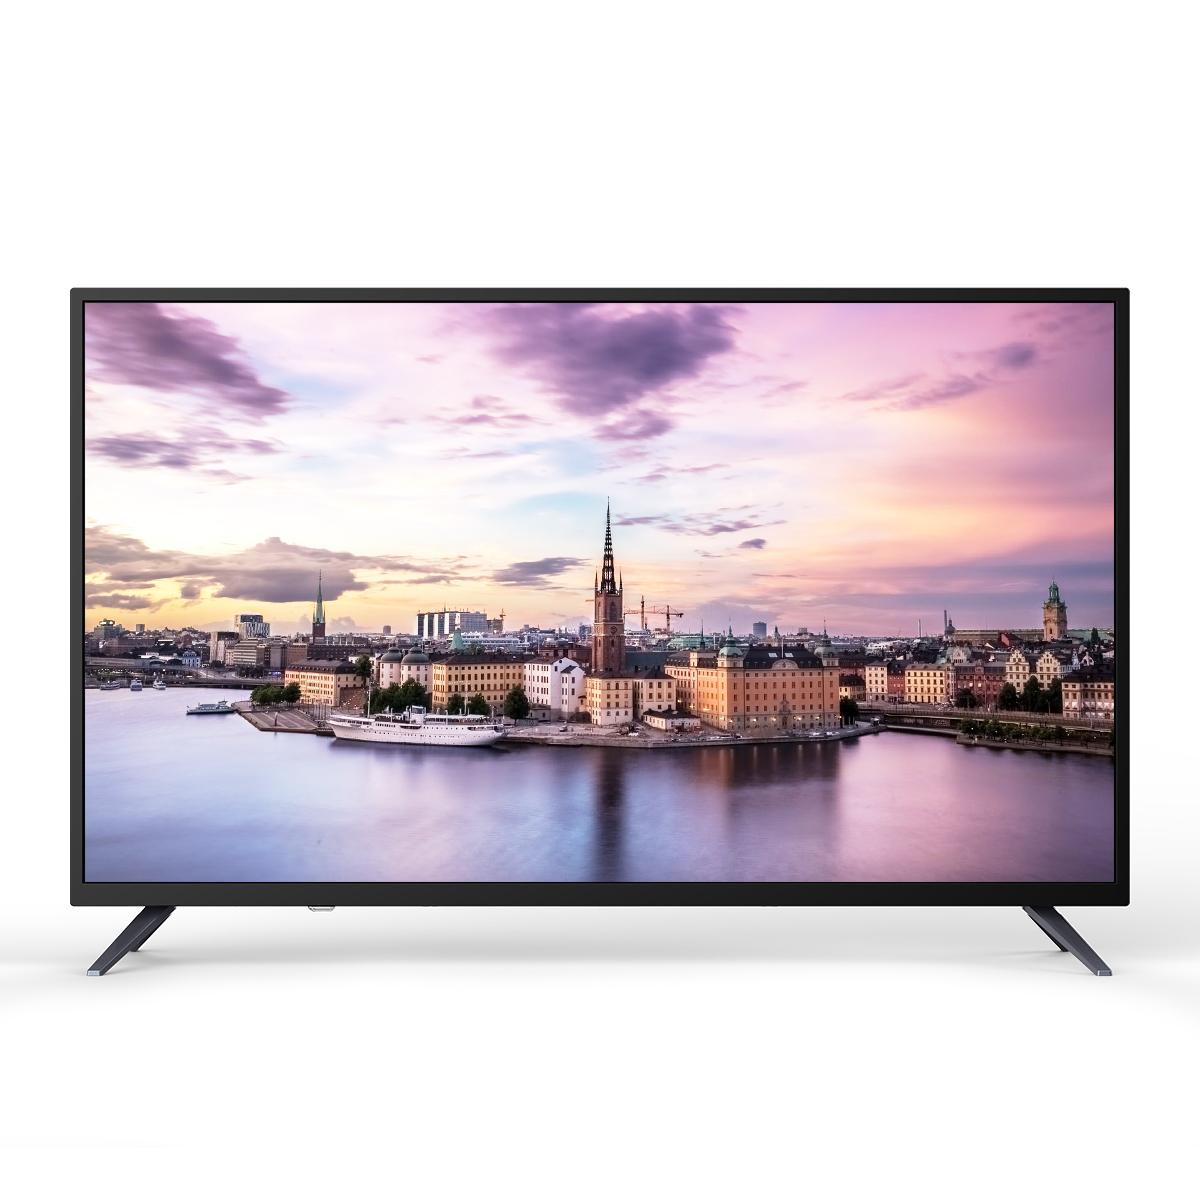 시티브 smart 55 무결점 UHDTV 와이파이 LG ips 패널적용 HK550UDNTV, 스탠드